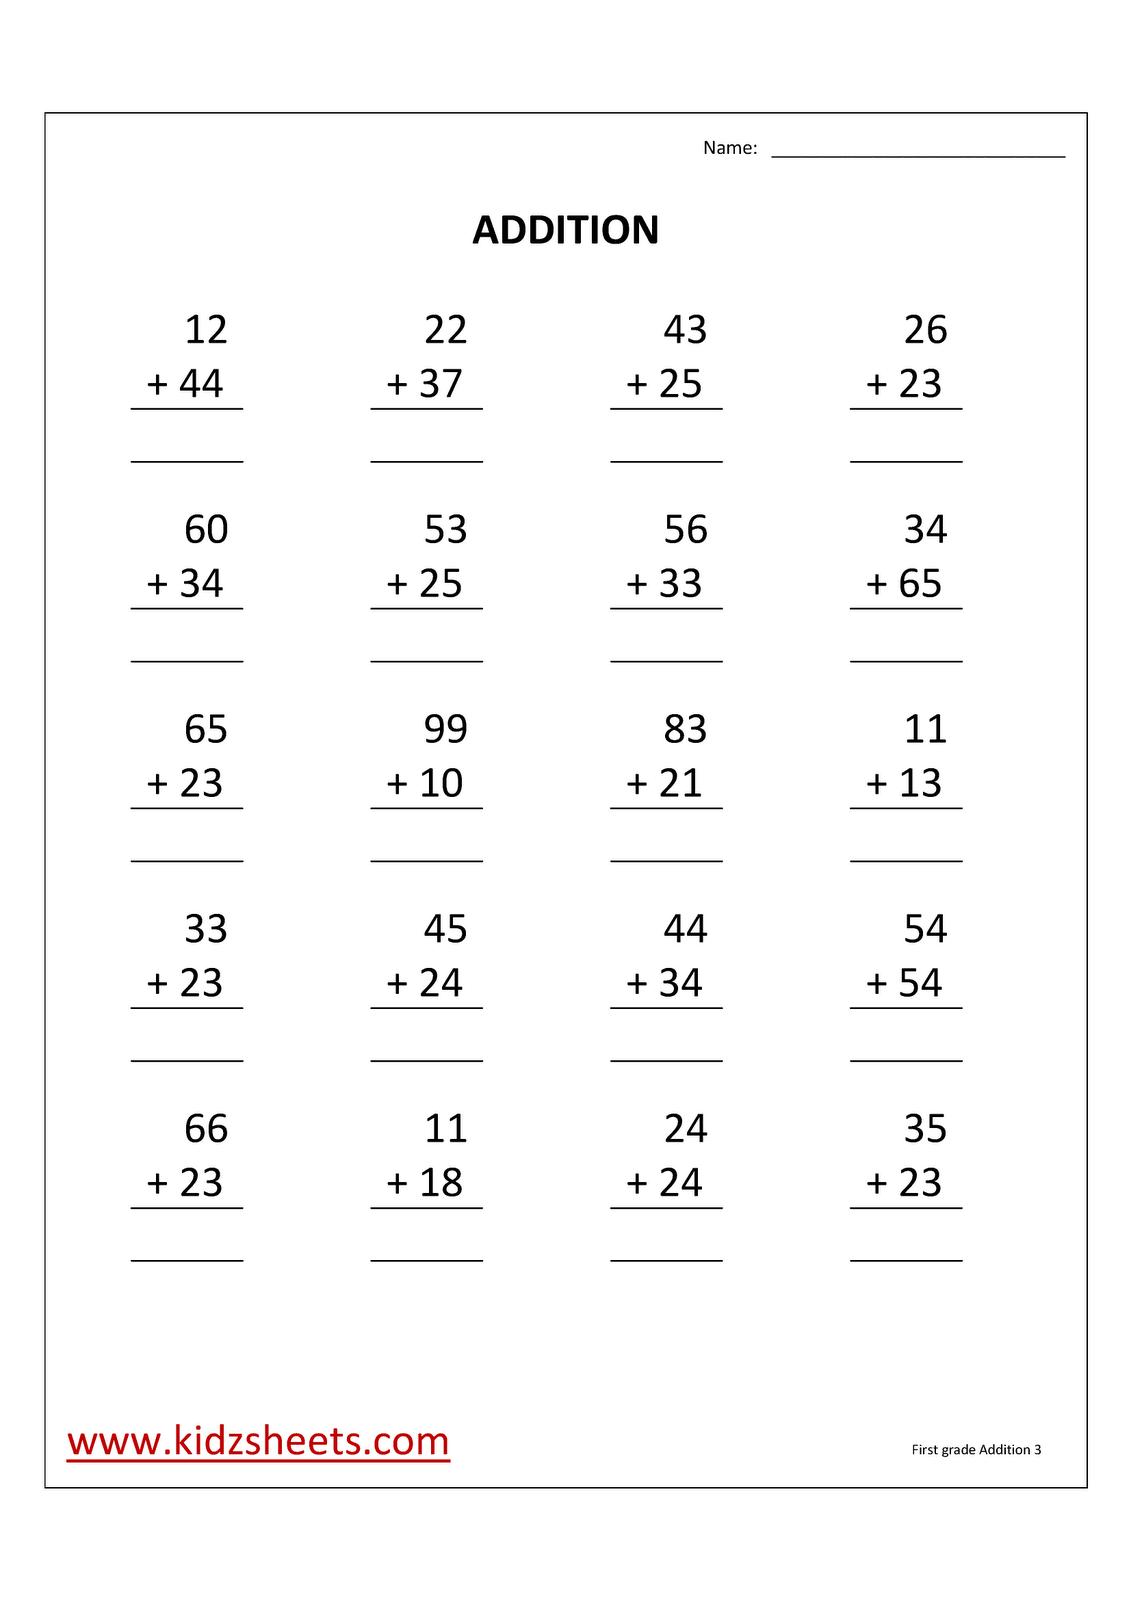 Addition Worksheets For Grade 3 Worksheets For All